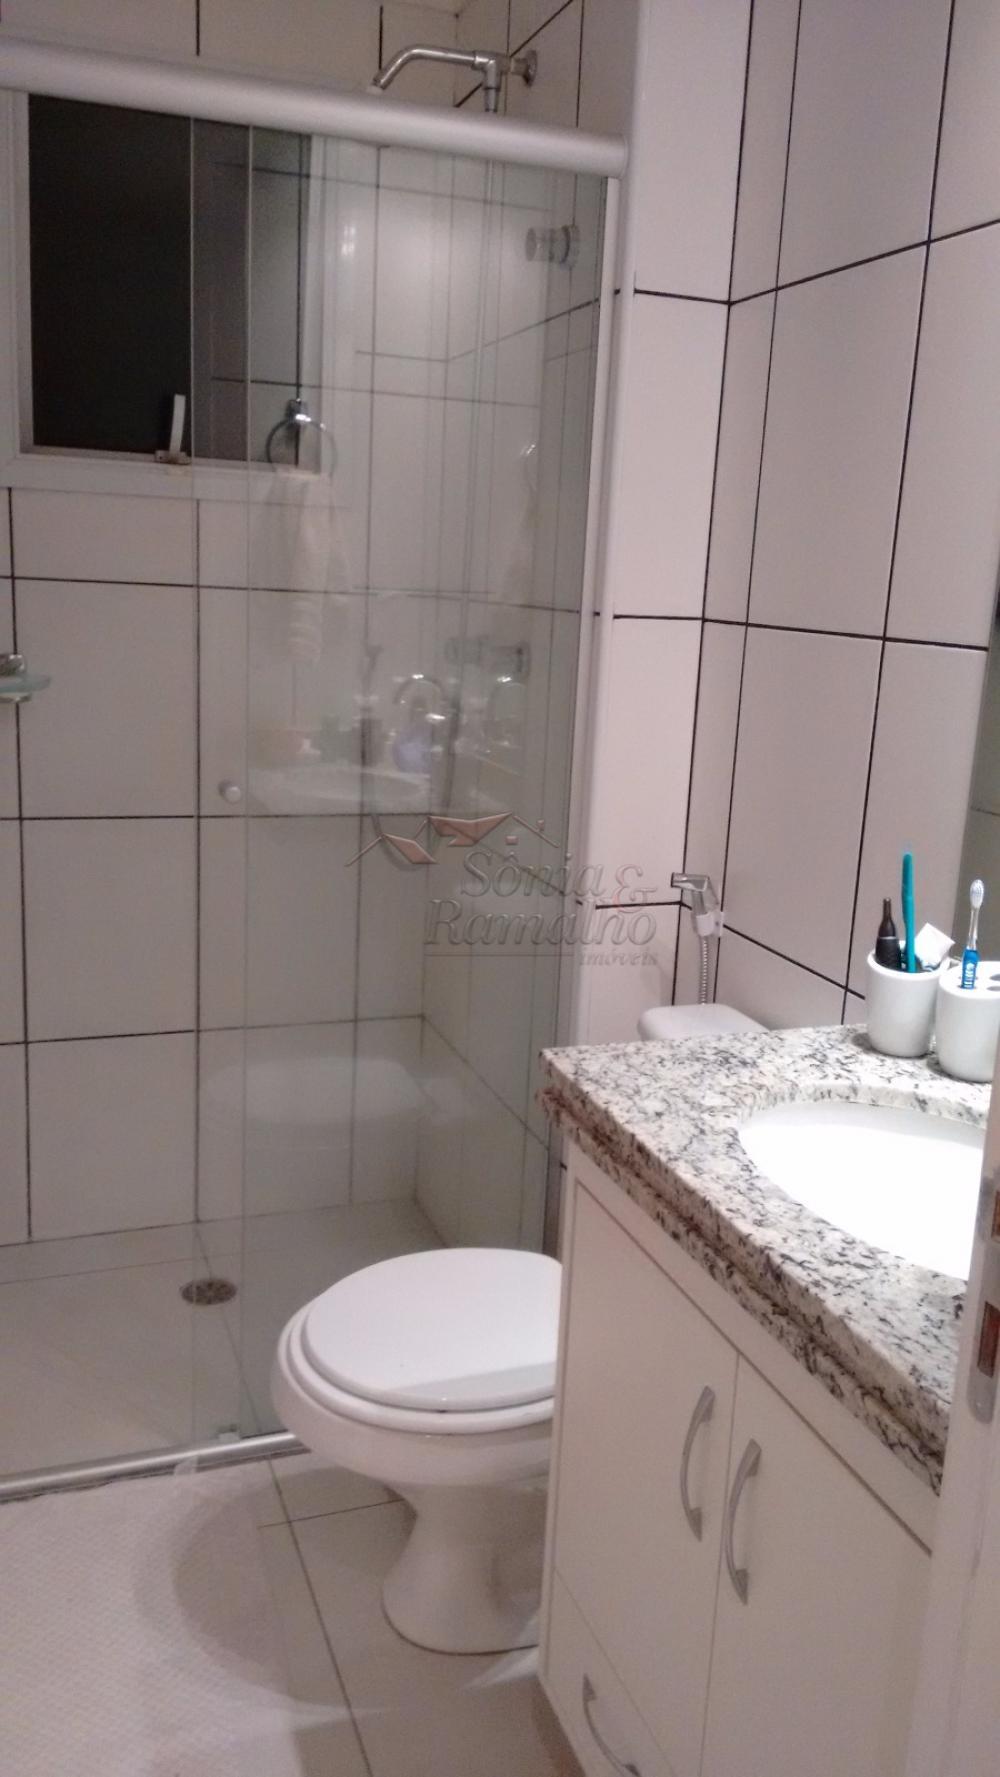 Comprar Apartamentos / Padrão em Ribeirão Preto apenas R$ 600.000,00 - Foto 4